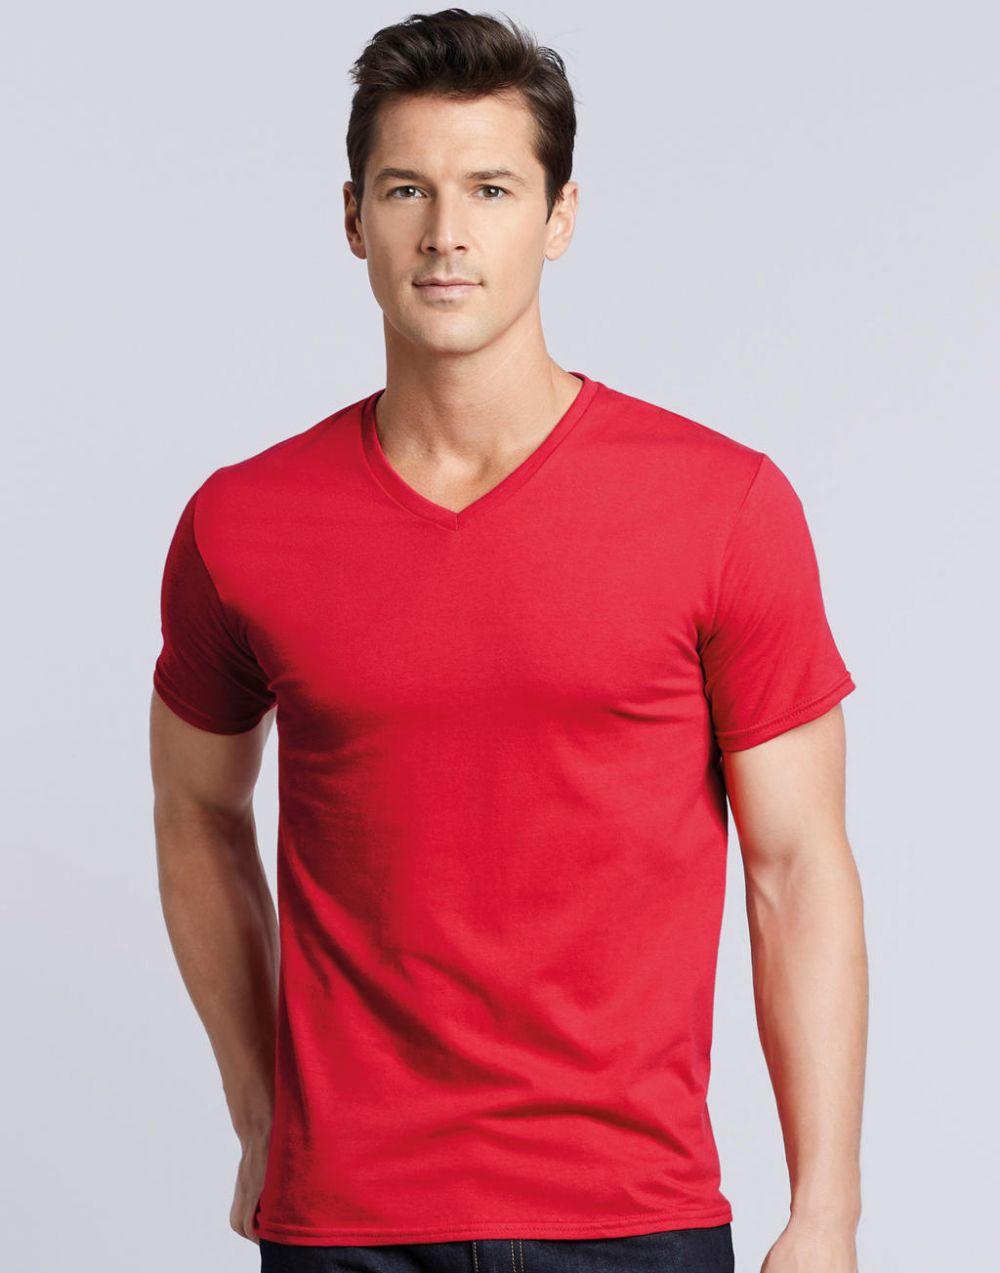 Camisetas manga corta gildan premium cuello v con publicidad imagen 1